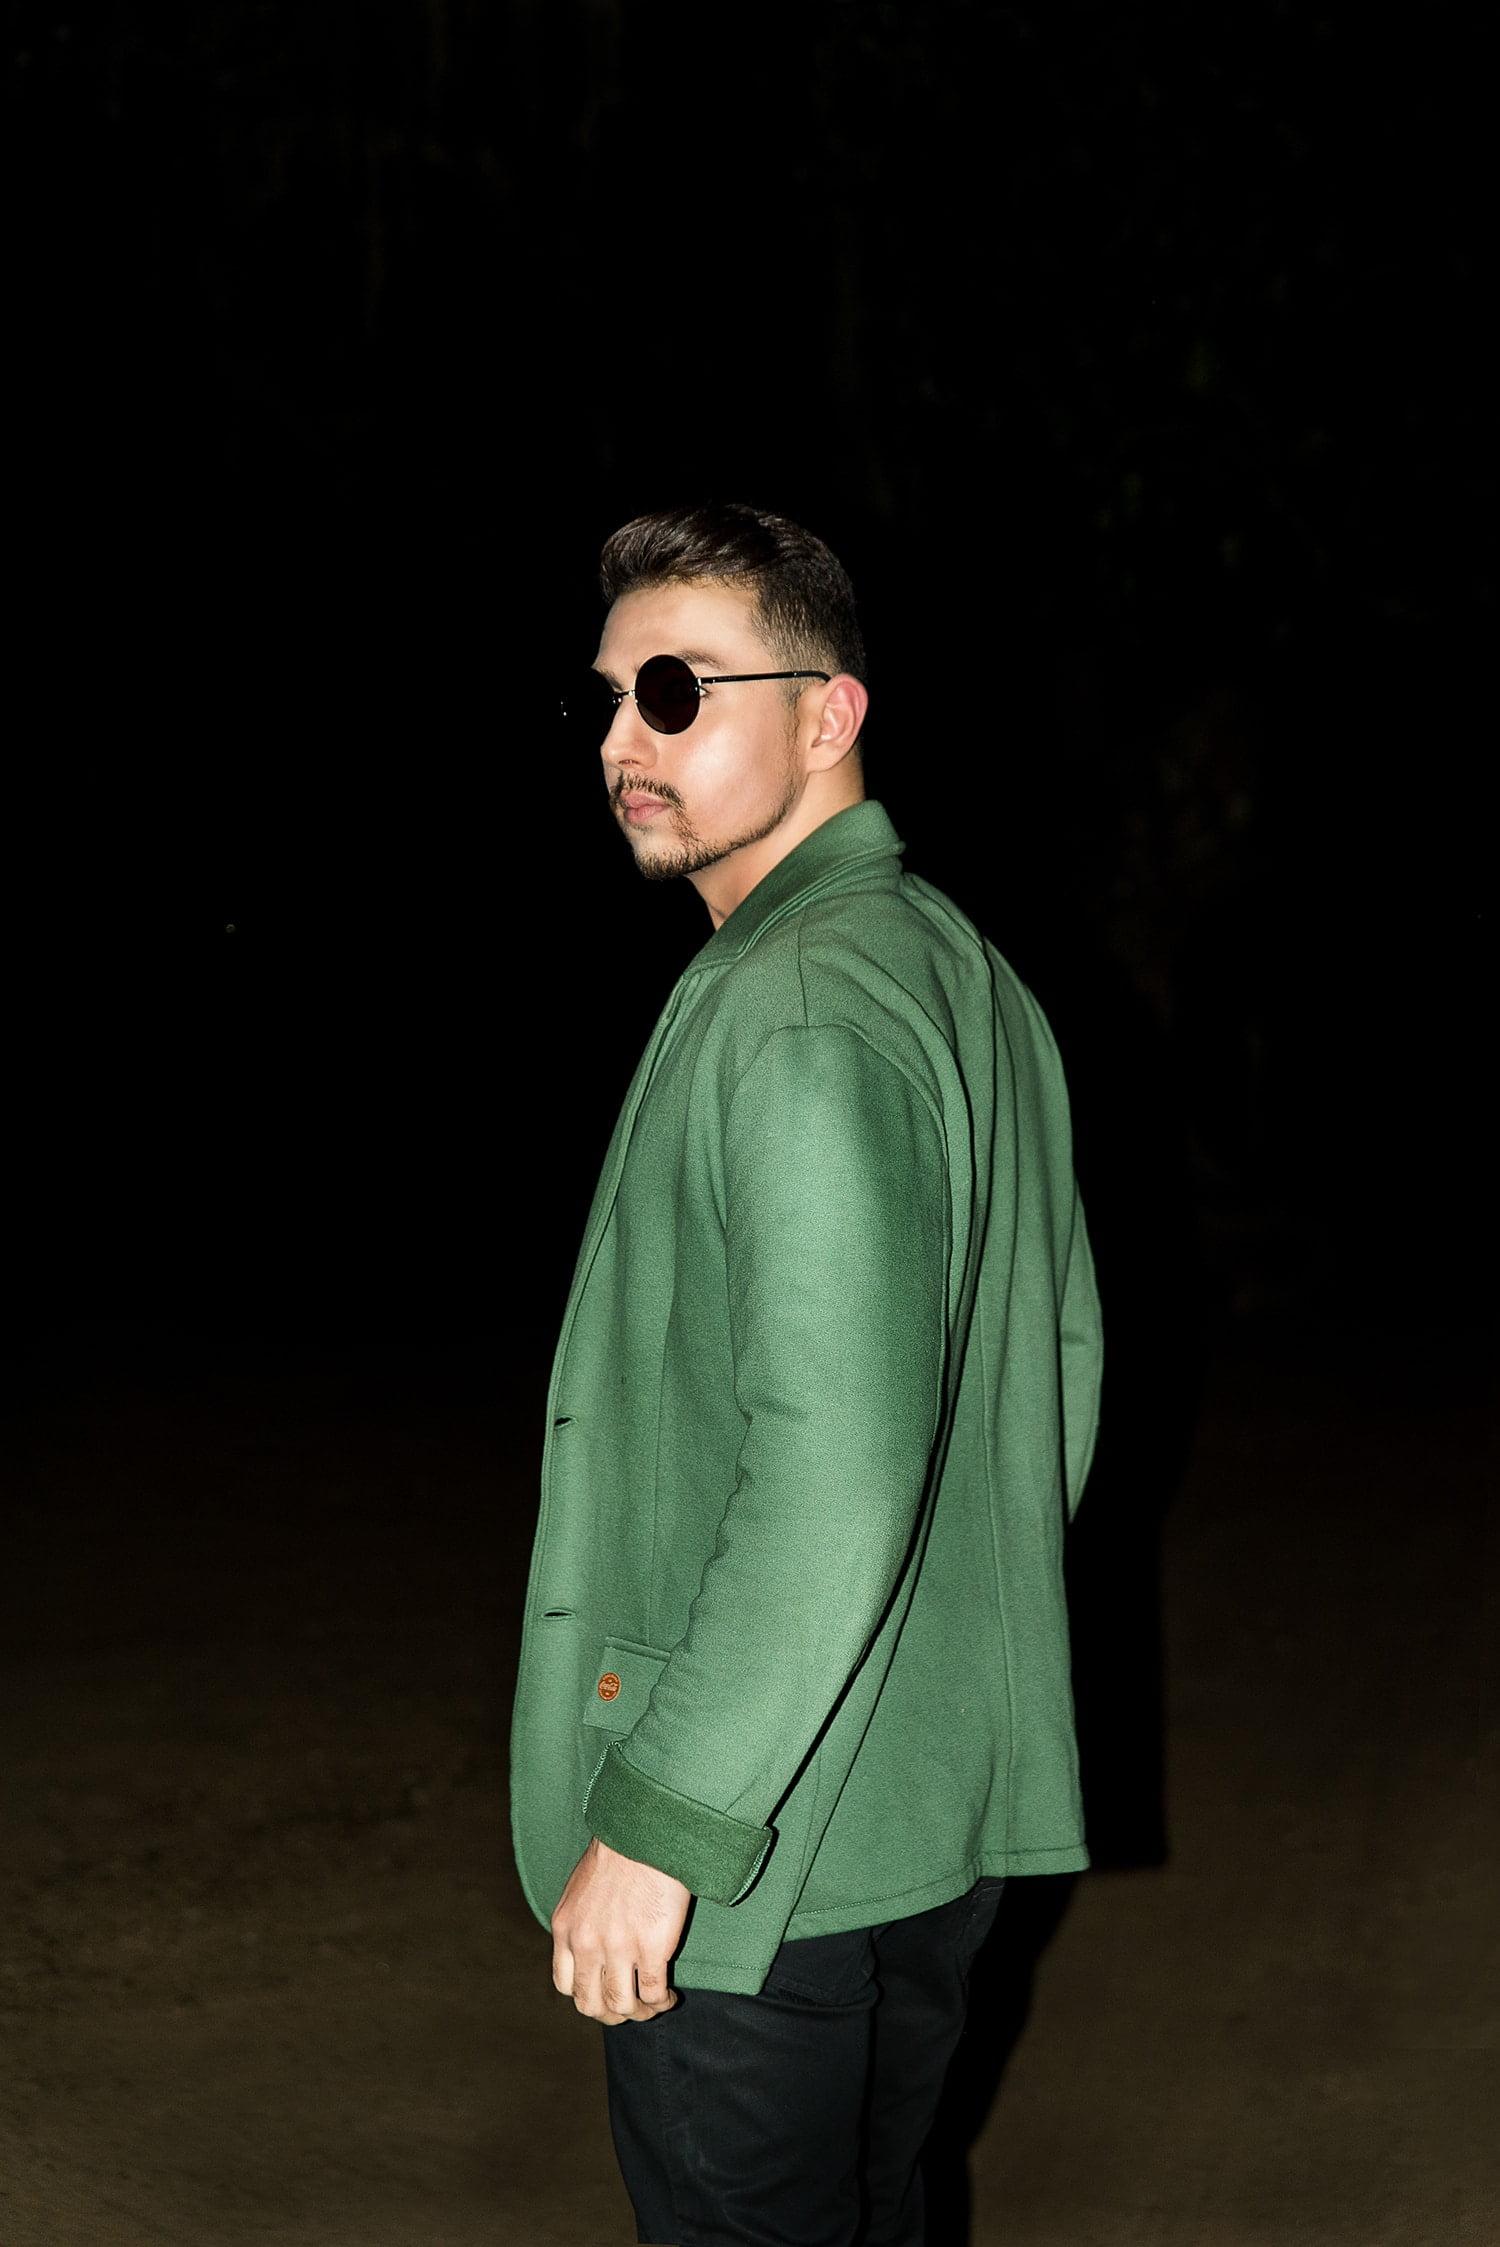 7-Juan-Alves-Oculos-round-estilo-hqsc